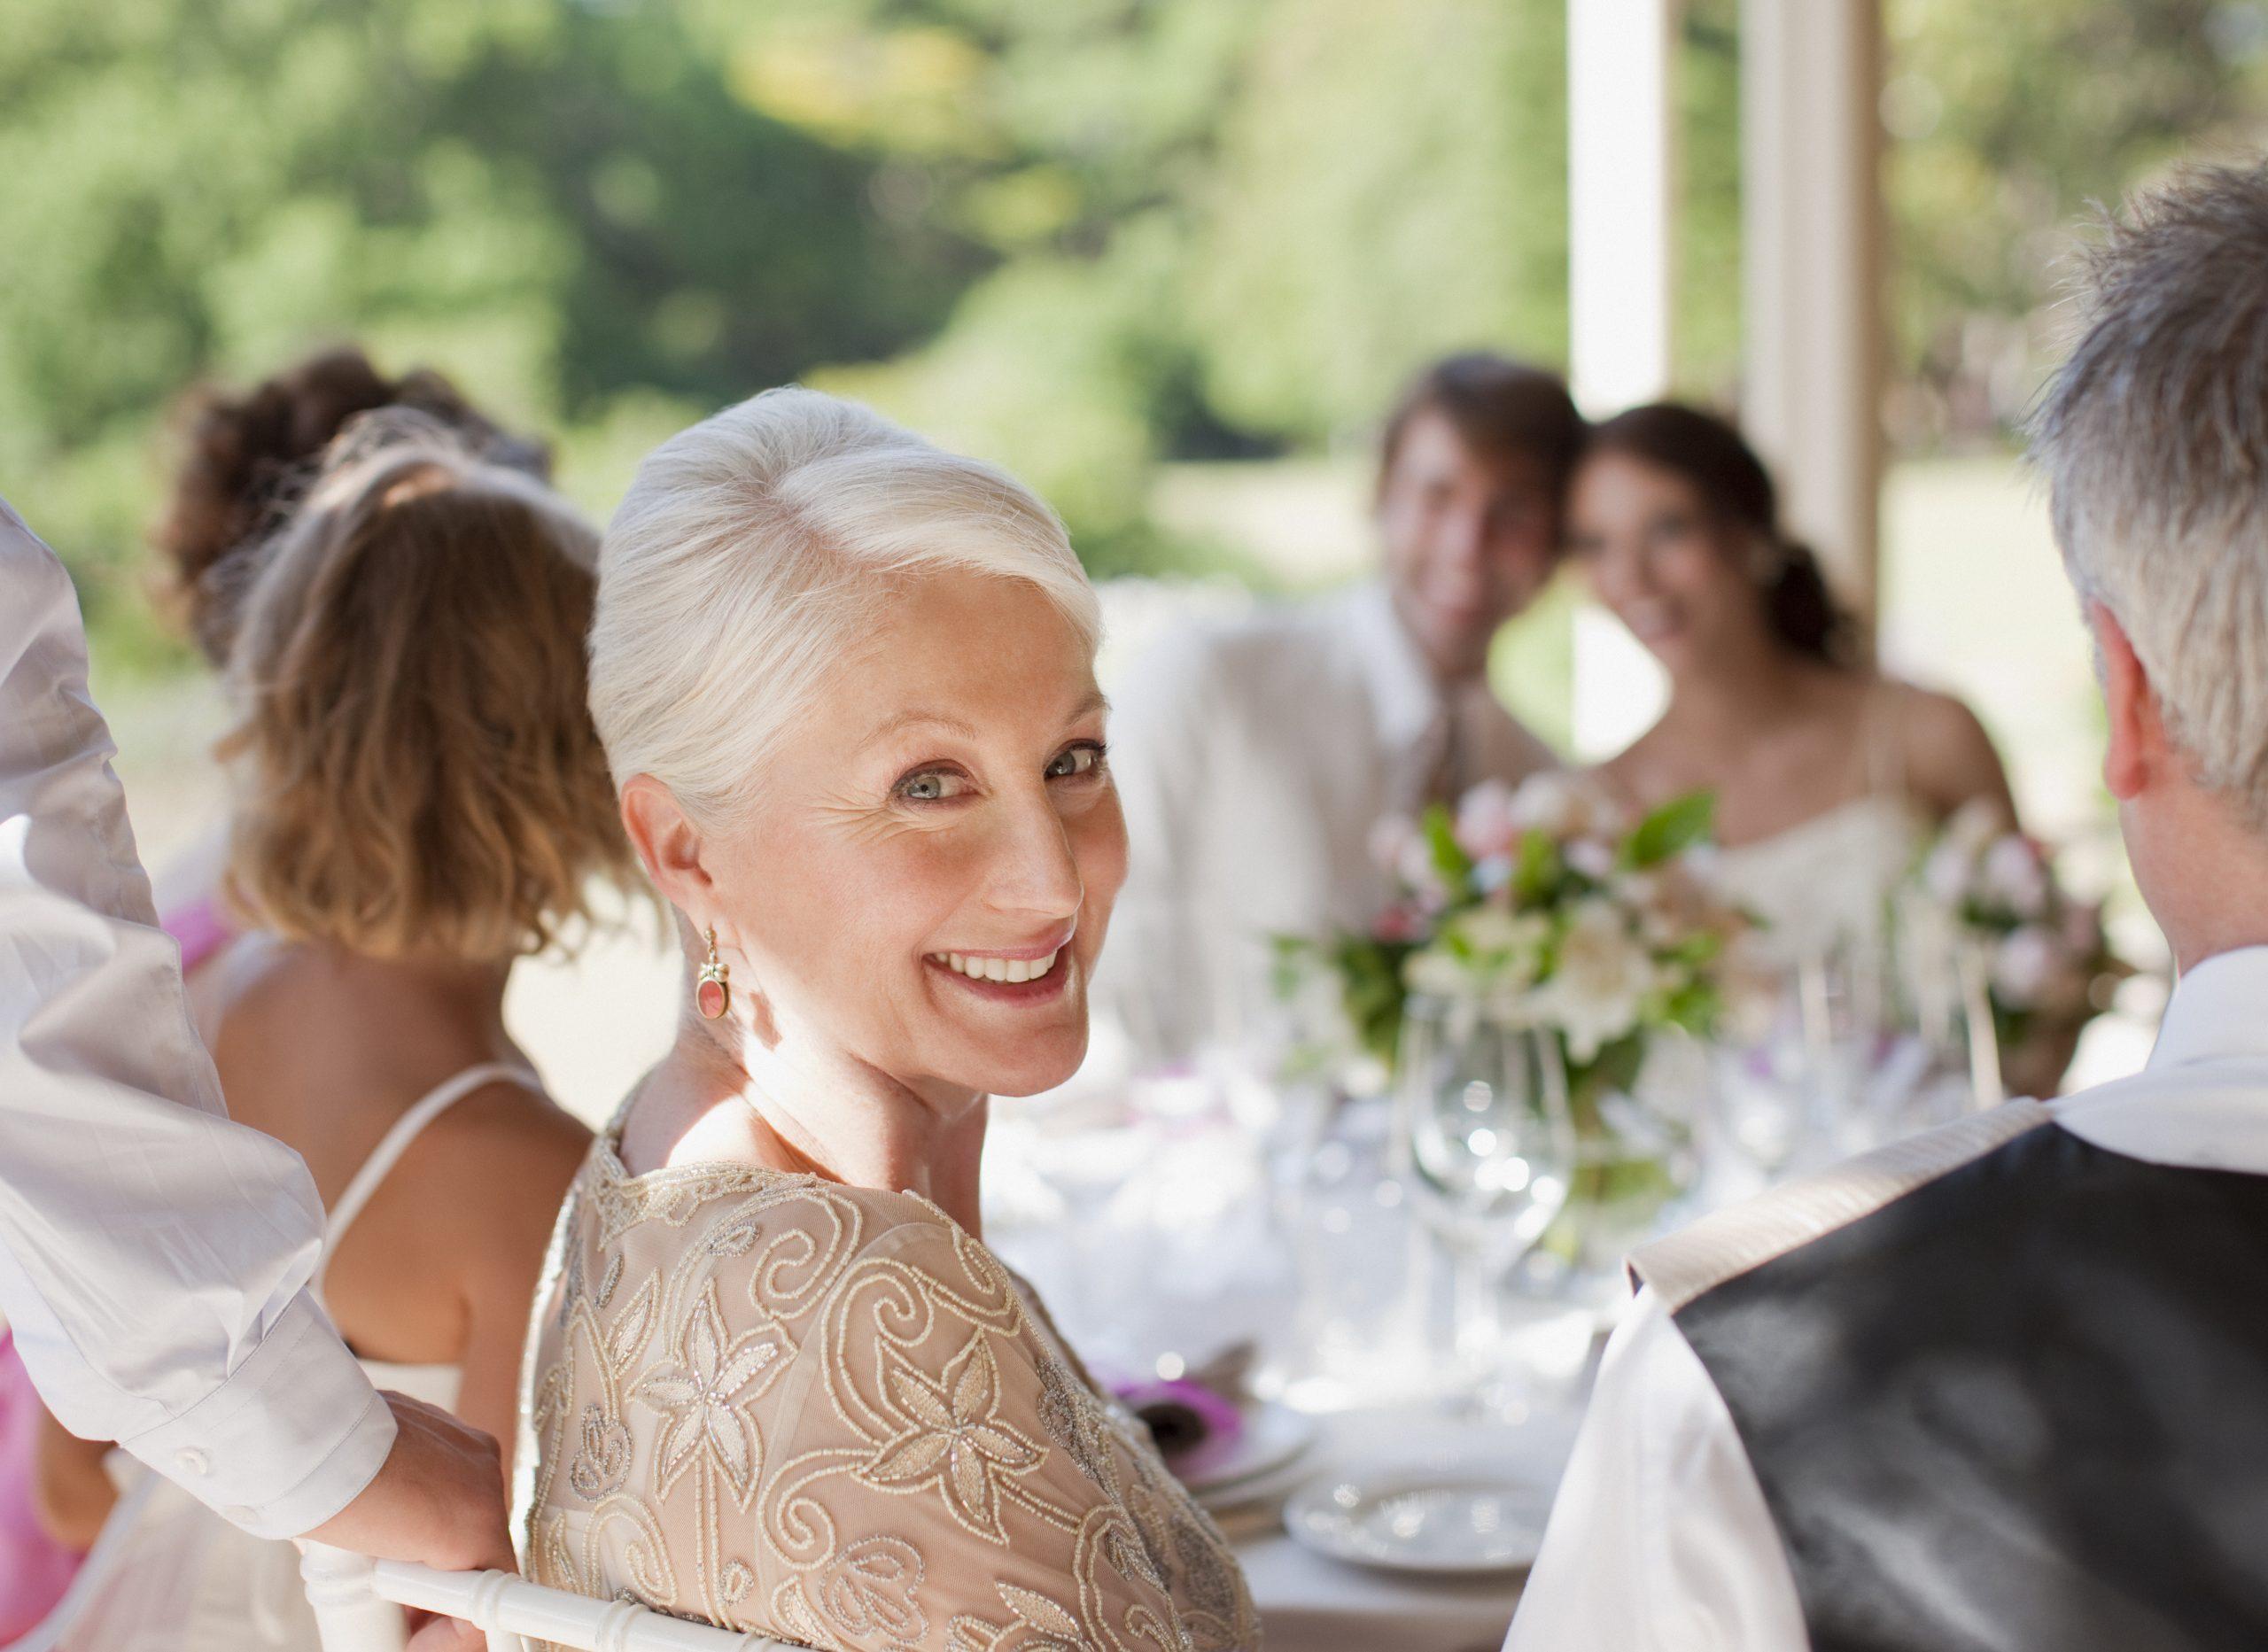 Wedding Dresses For Older Brides Long Sleeve Wedding Dresses,Lace Open Back Ball Gown Wedding Dresses